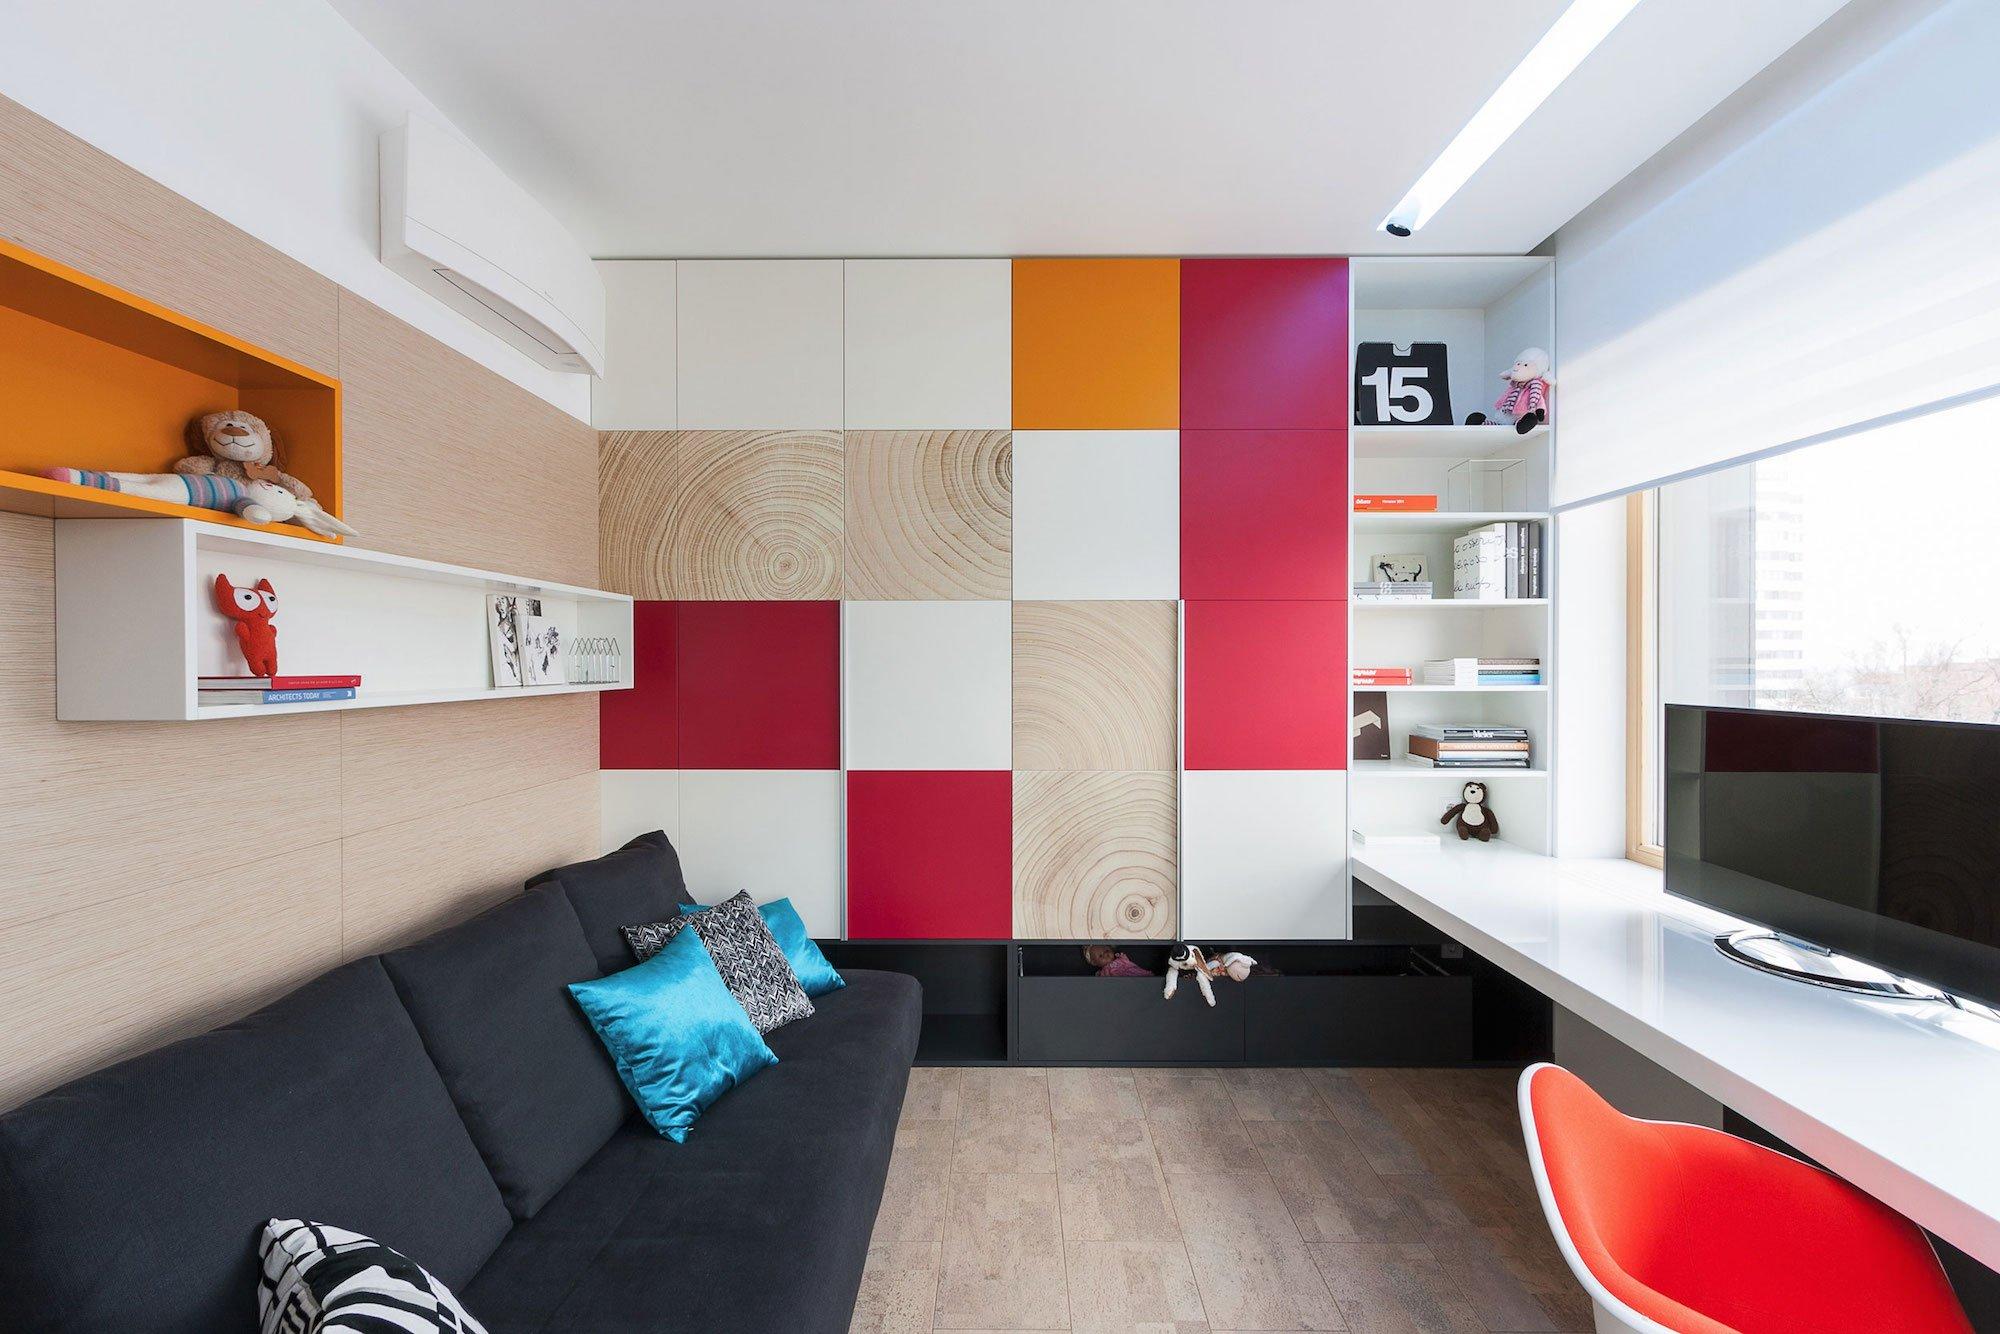 Dise o de cuarto de estudio con decoraci n construye hogar - Decoracion habitacion estudio ...